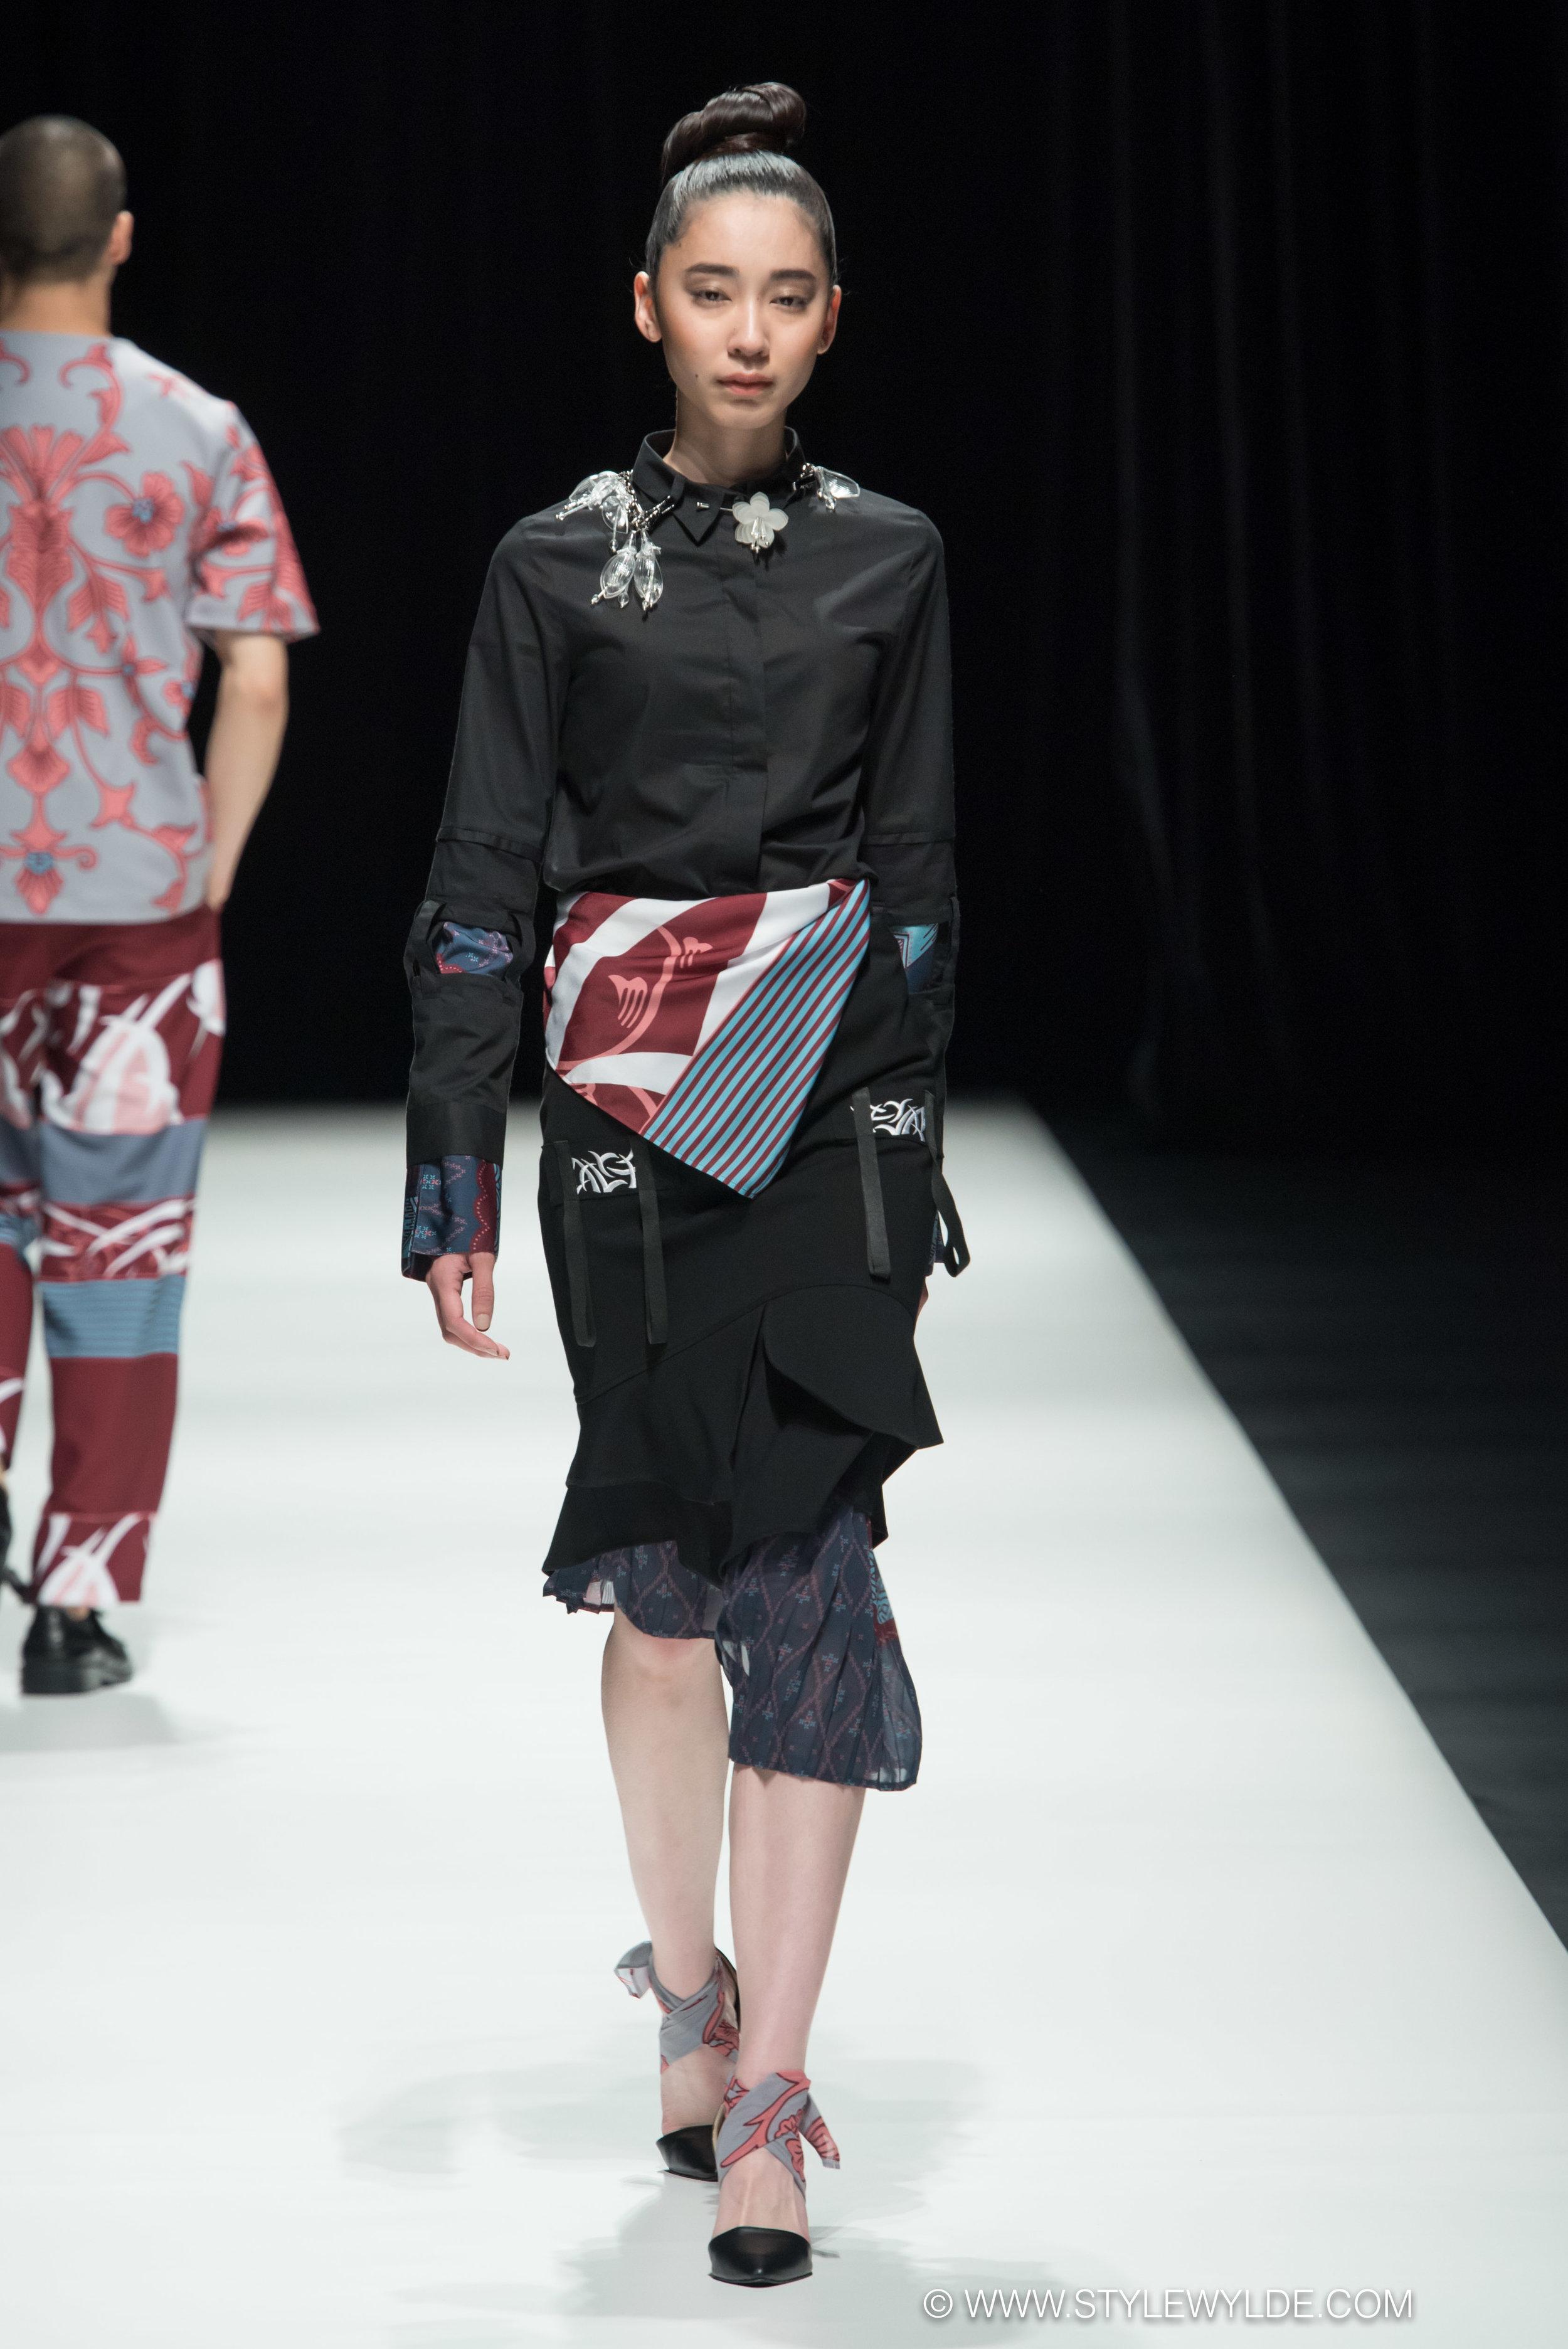 stylewylde_afmt_indonesia_fw_2017-34.jpg